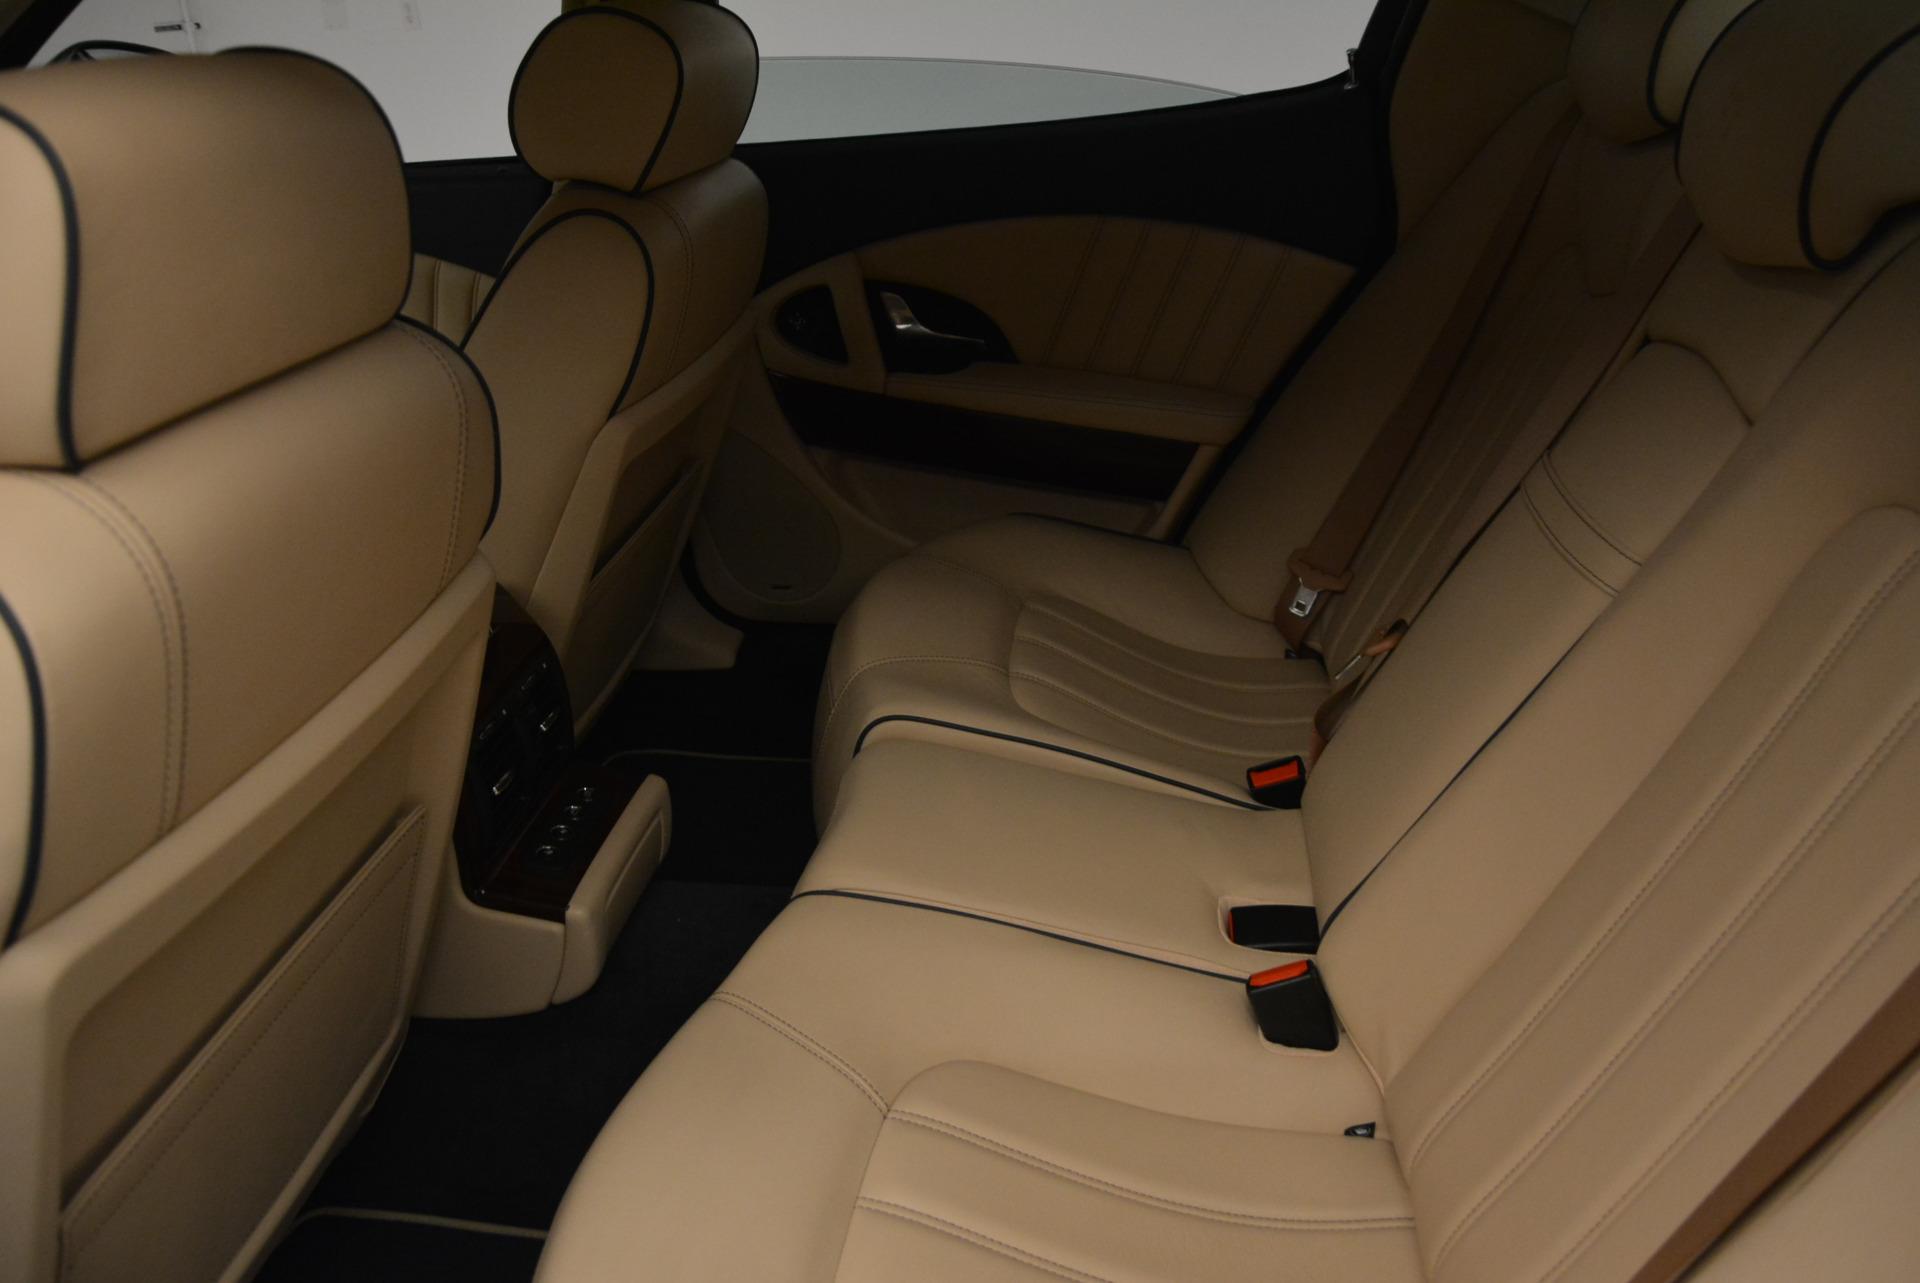 Used 2010 Maserati Quattroporte S For Sale In Greenwich, CT. Alfa Romeo of Greenwich, 1267 795_p24